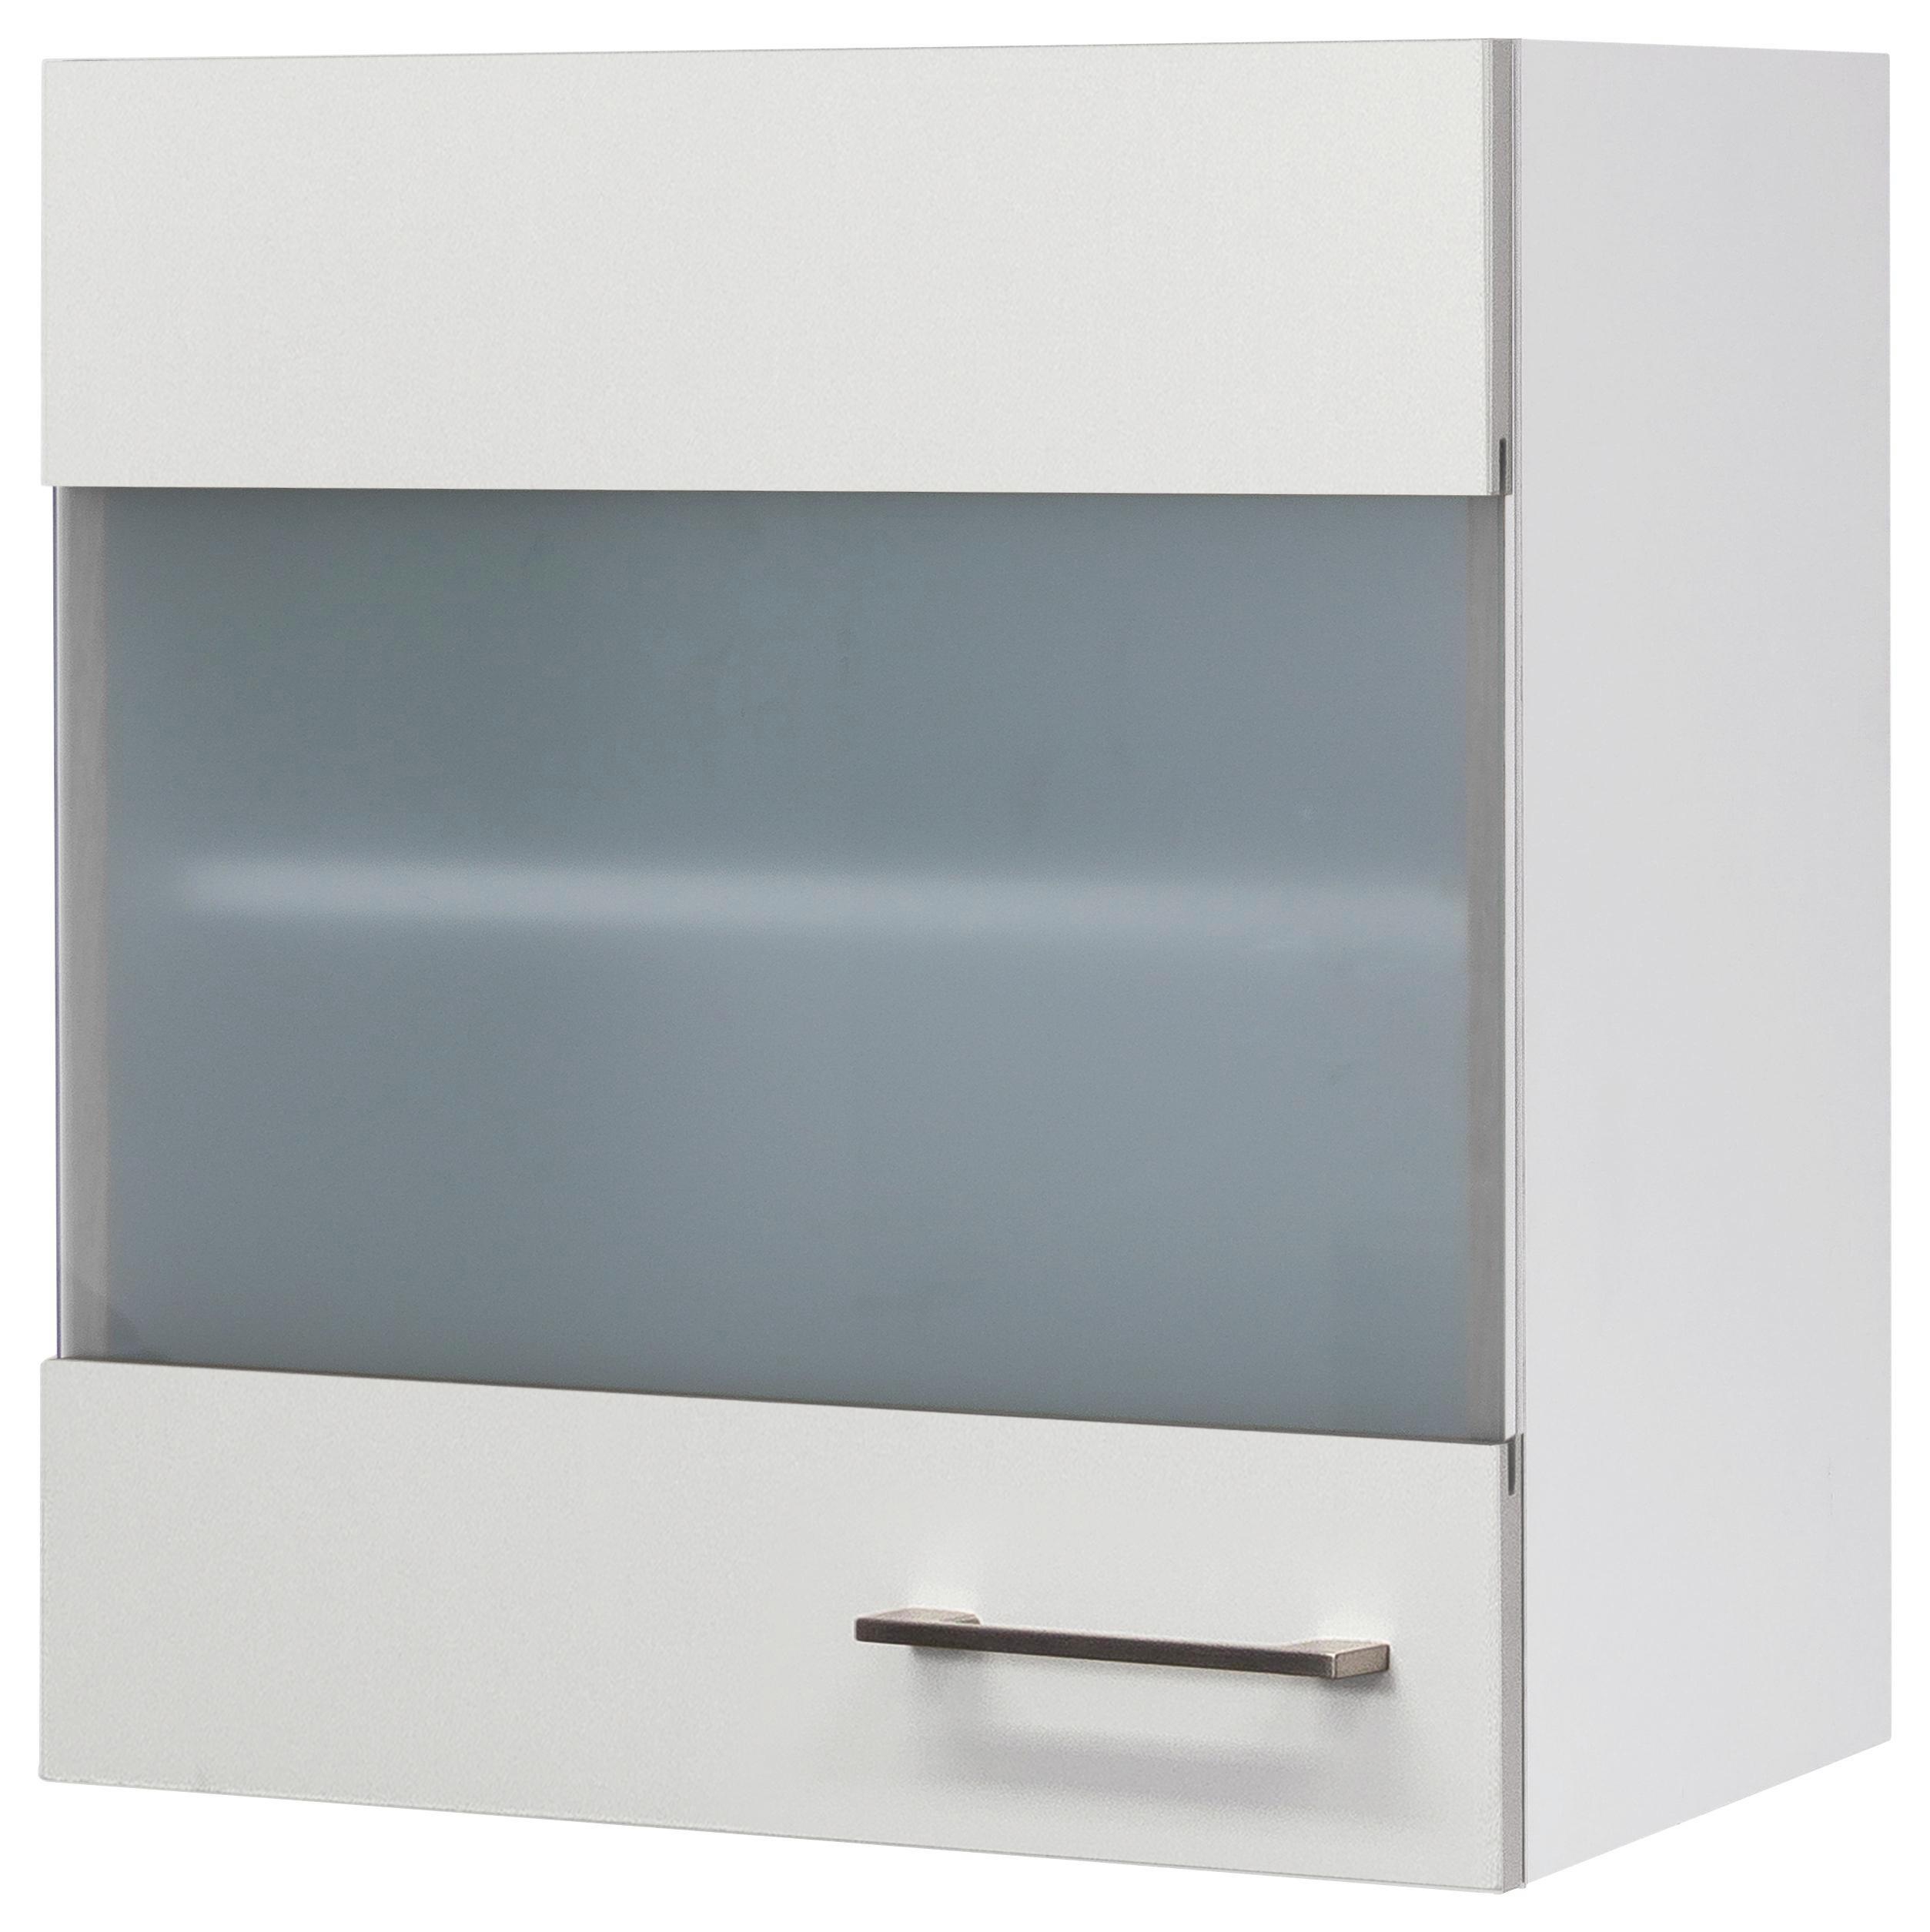 Küchenoberschrank Weiß Glas ~ küchenoberschrank weiß online kaufen mömax